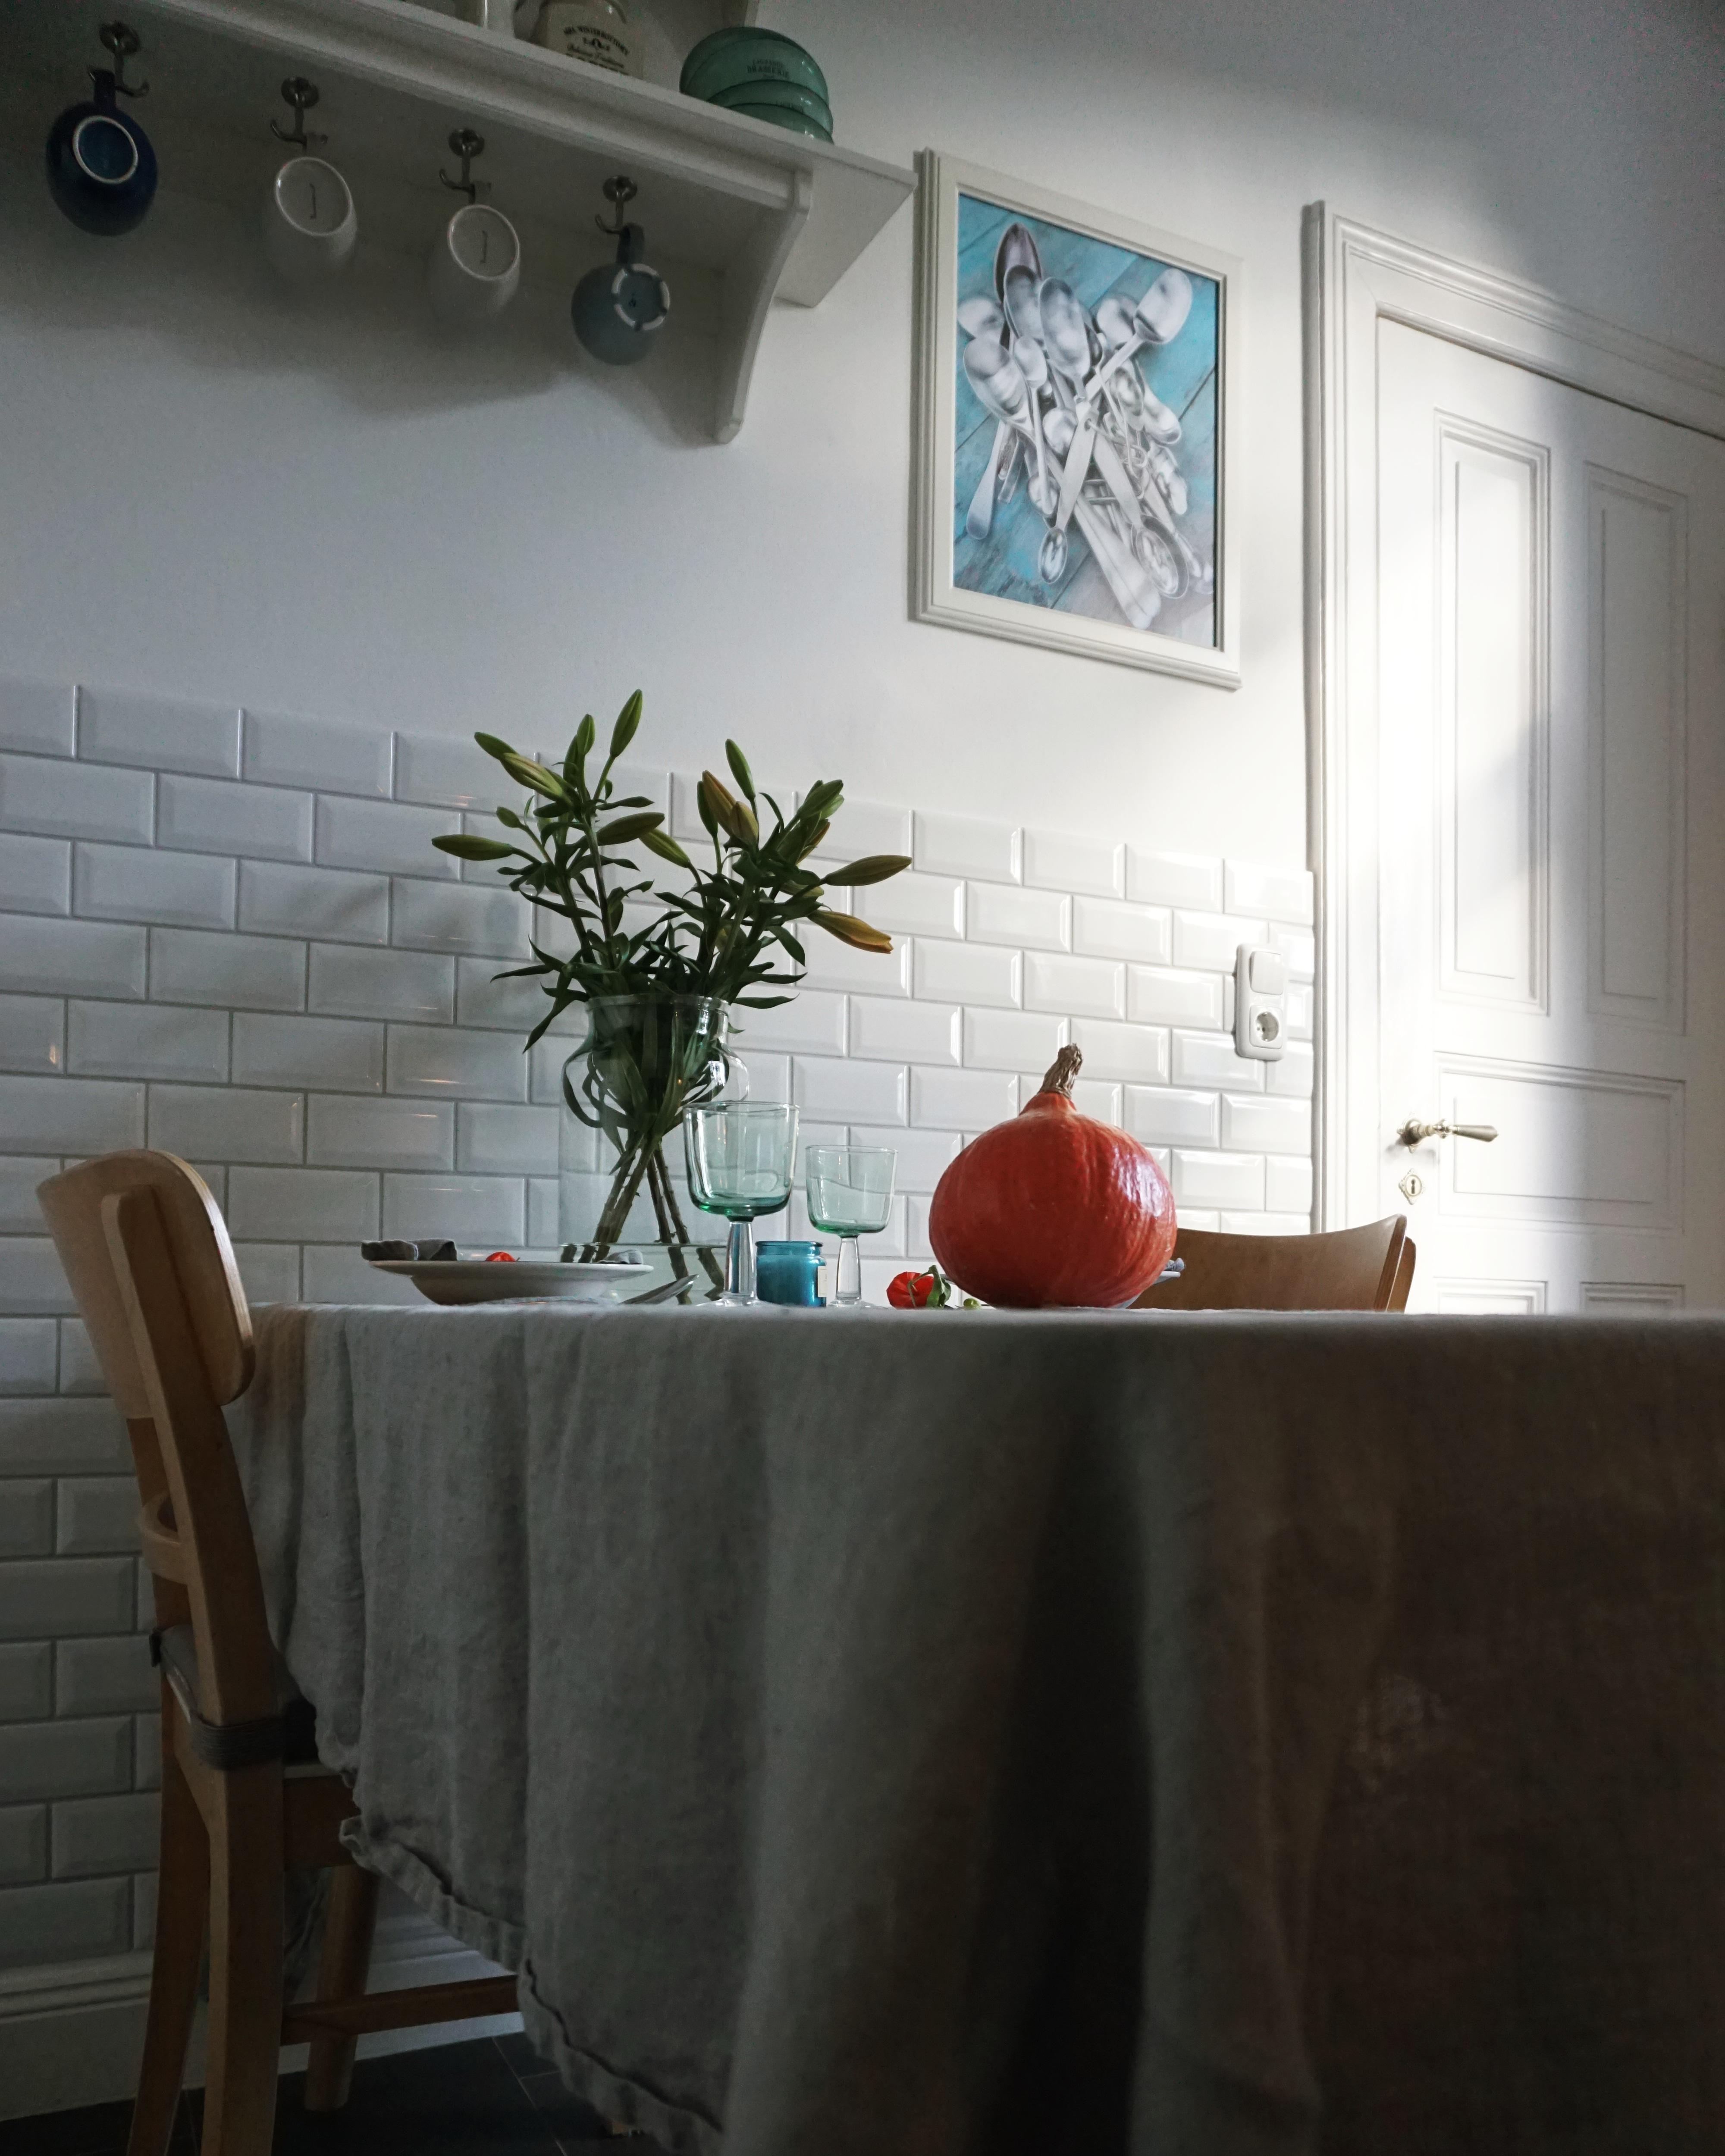 Tischlein Deck Dich 🍴#Küche #gedeckterTisch #Esstisch #Herbst #Metrofliesen